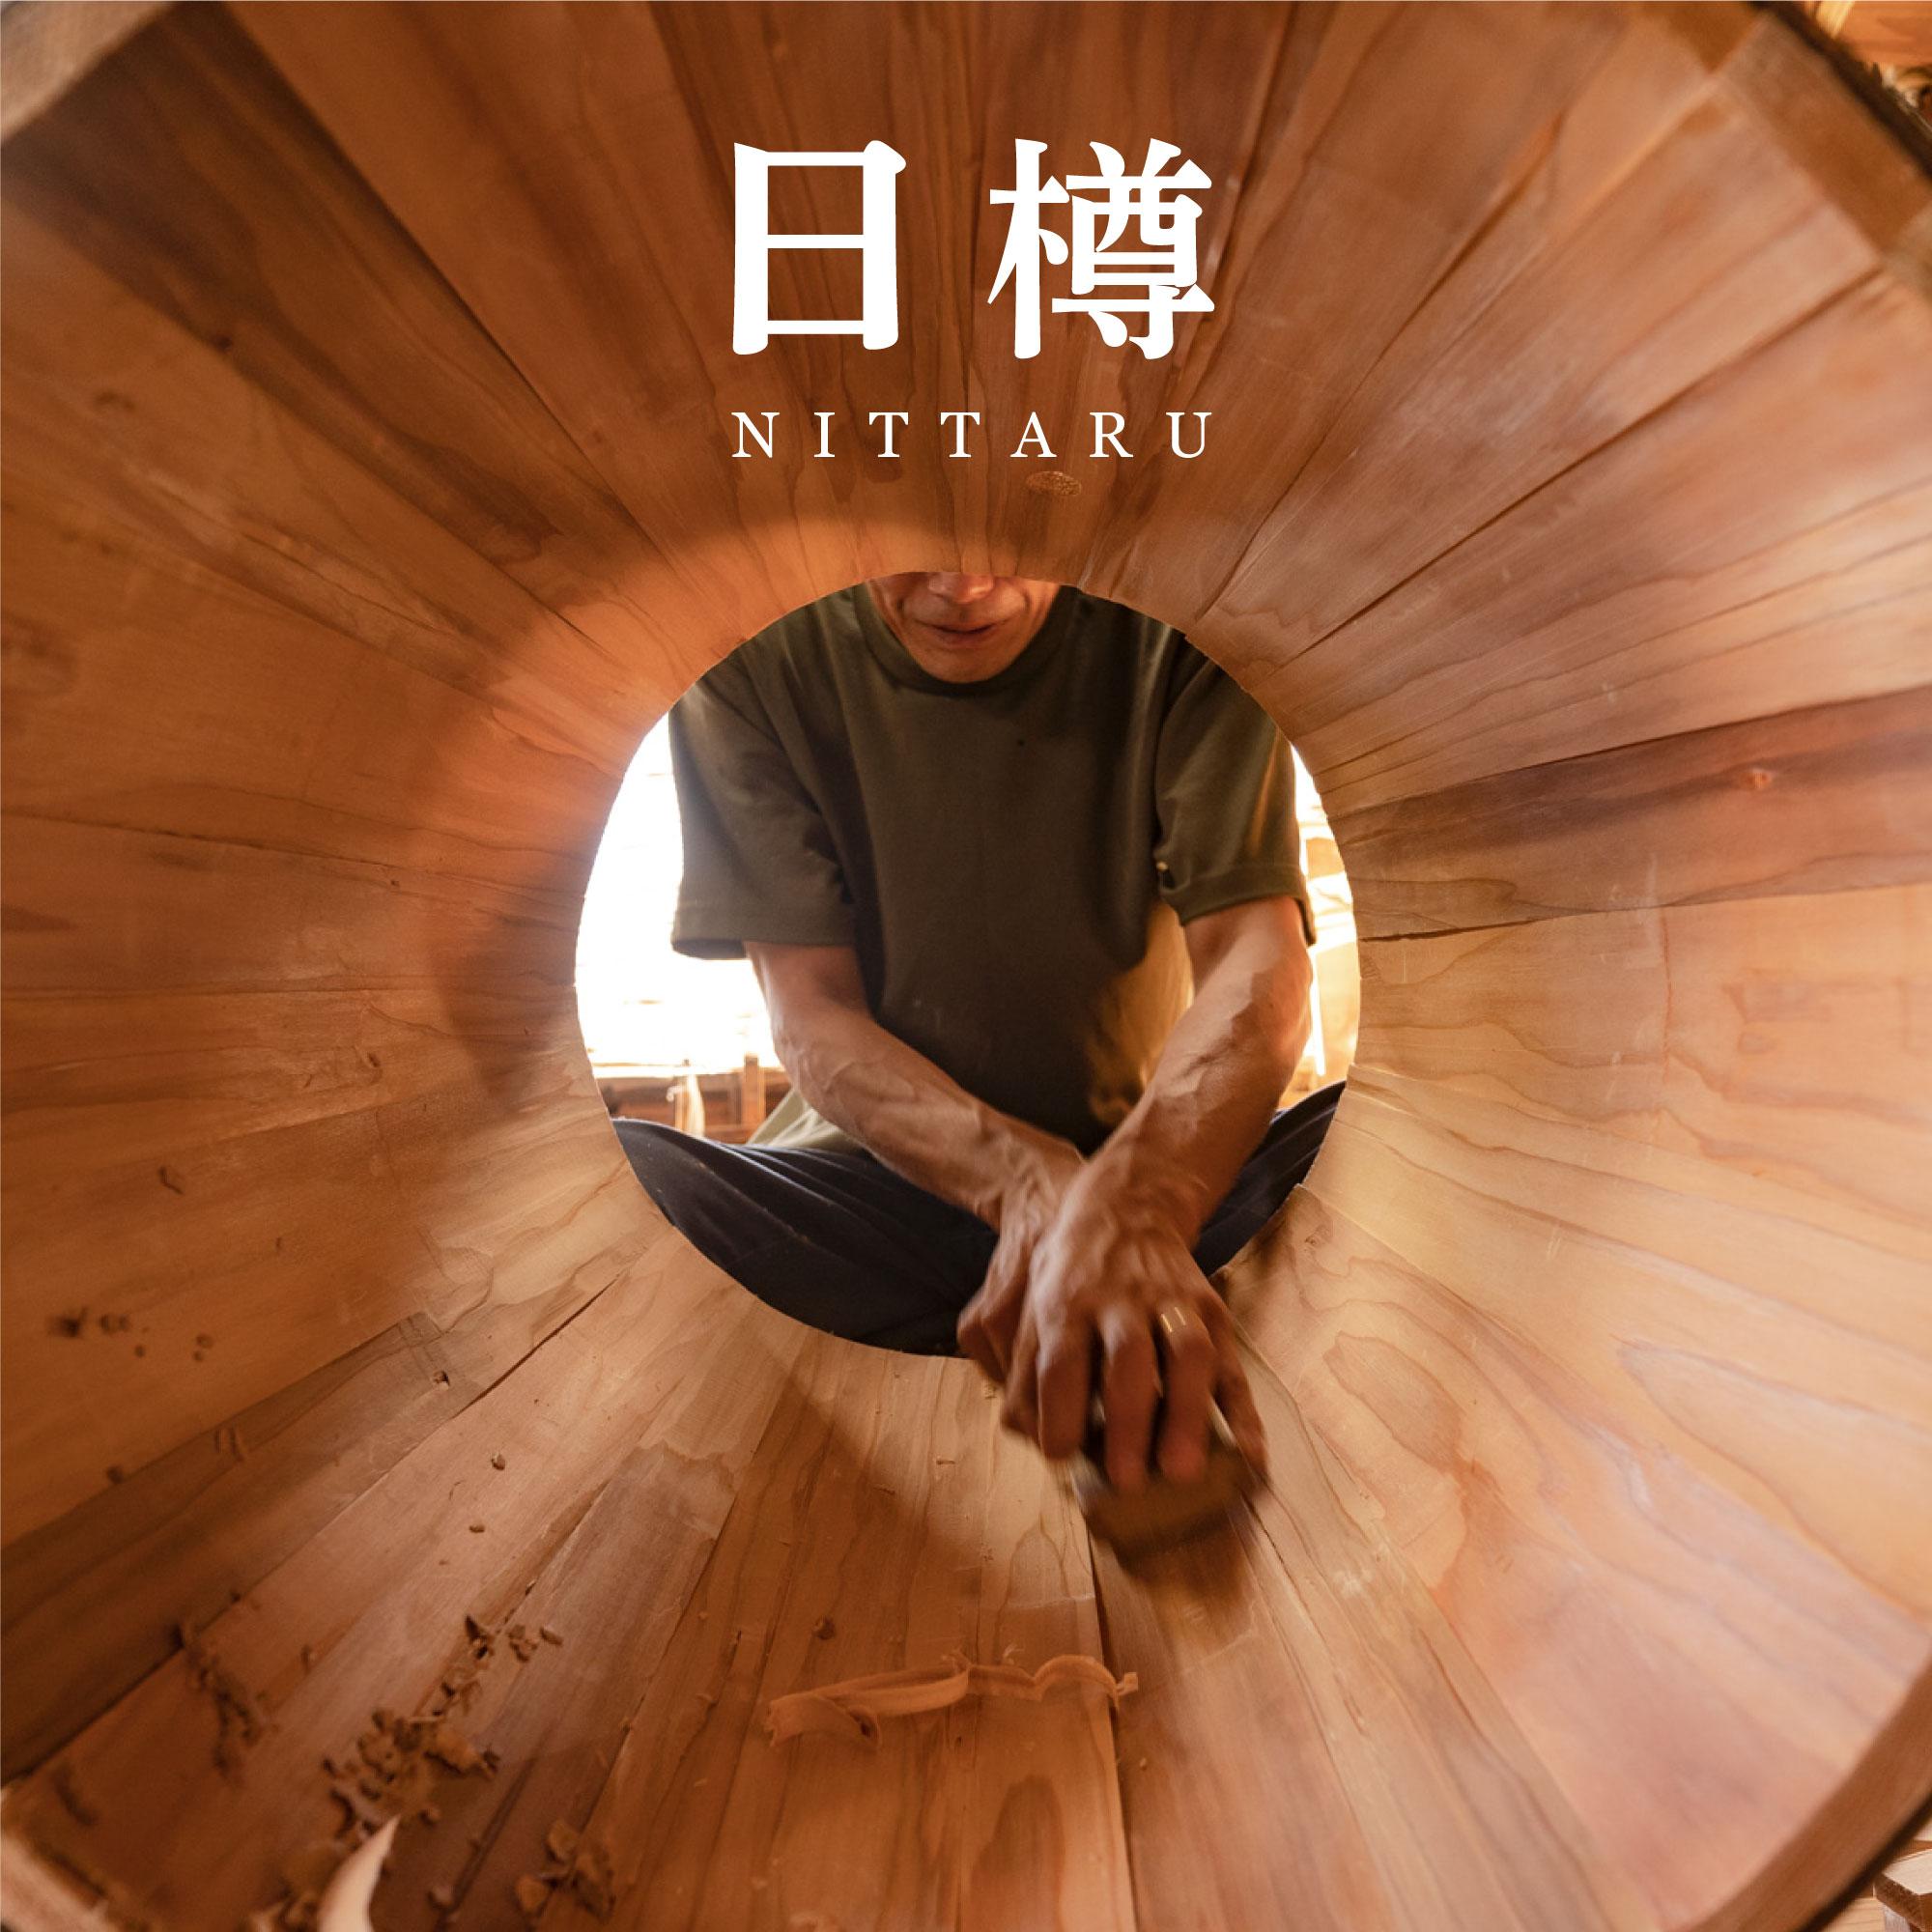 日樽(有限会社日樽)商品の取り扱いを始めました。